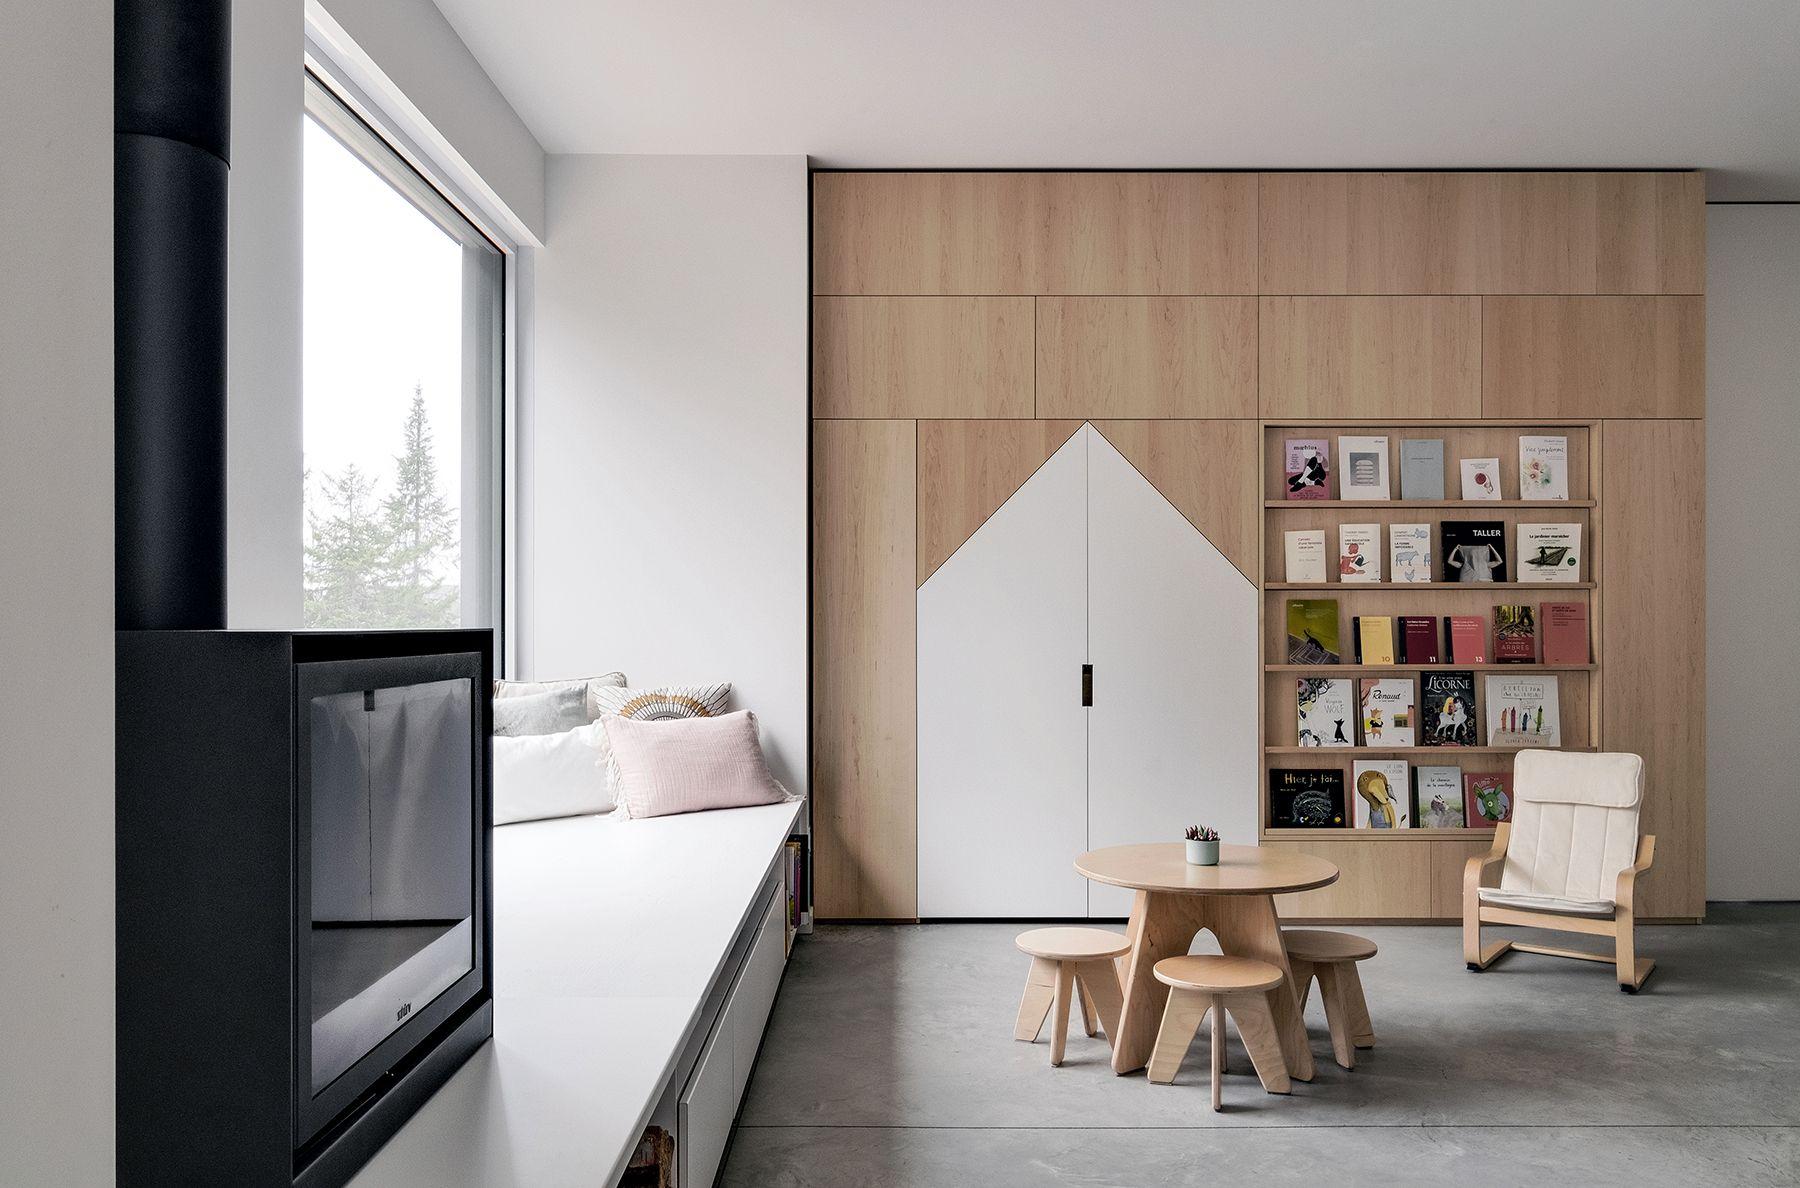 Quand Une Entreprise De Montreal Decide De Faire Des Meubles En Bois Local A L Ombre Des Geants Home Decor Home Furniture